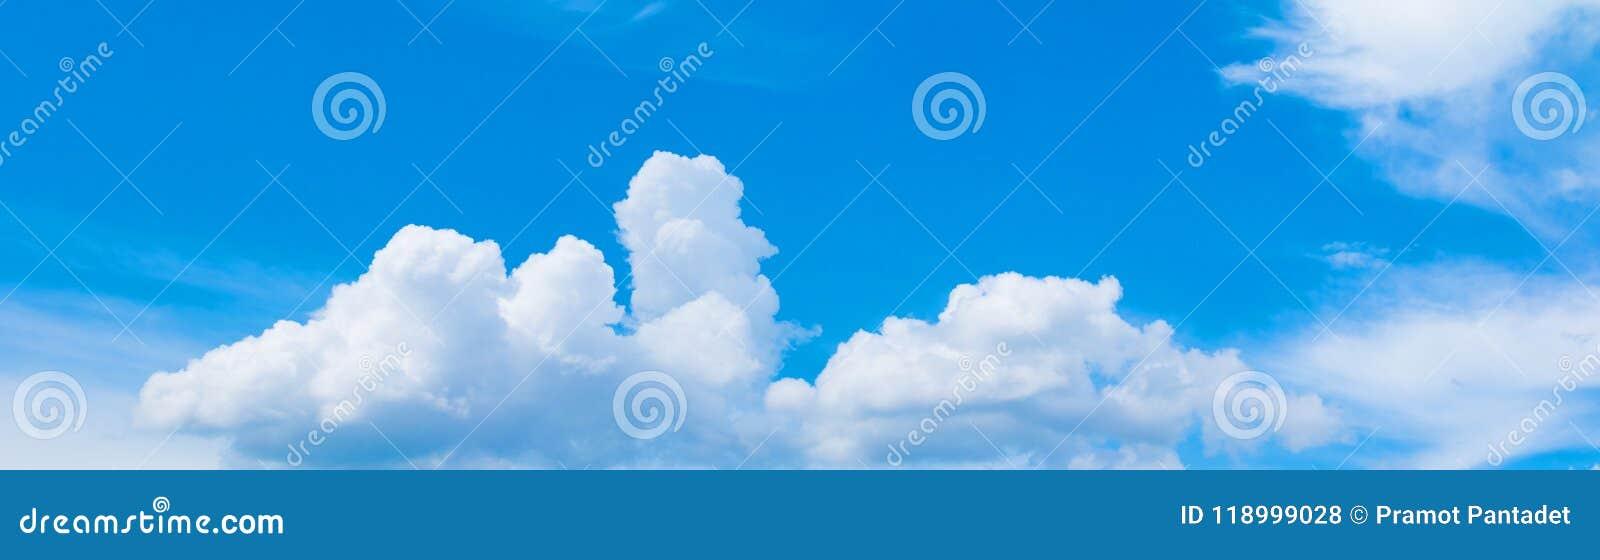 Небо и облако панорамы в временени с образованием бушуют пасмурная красивая предпосылка природы искусства